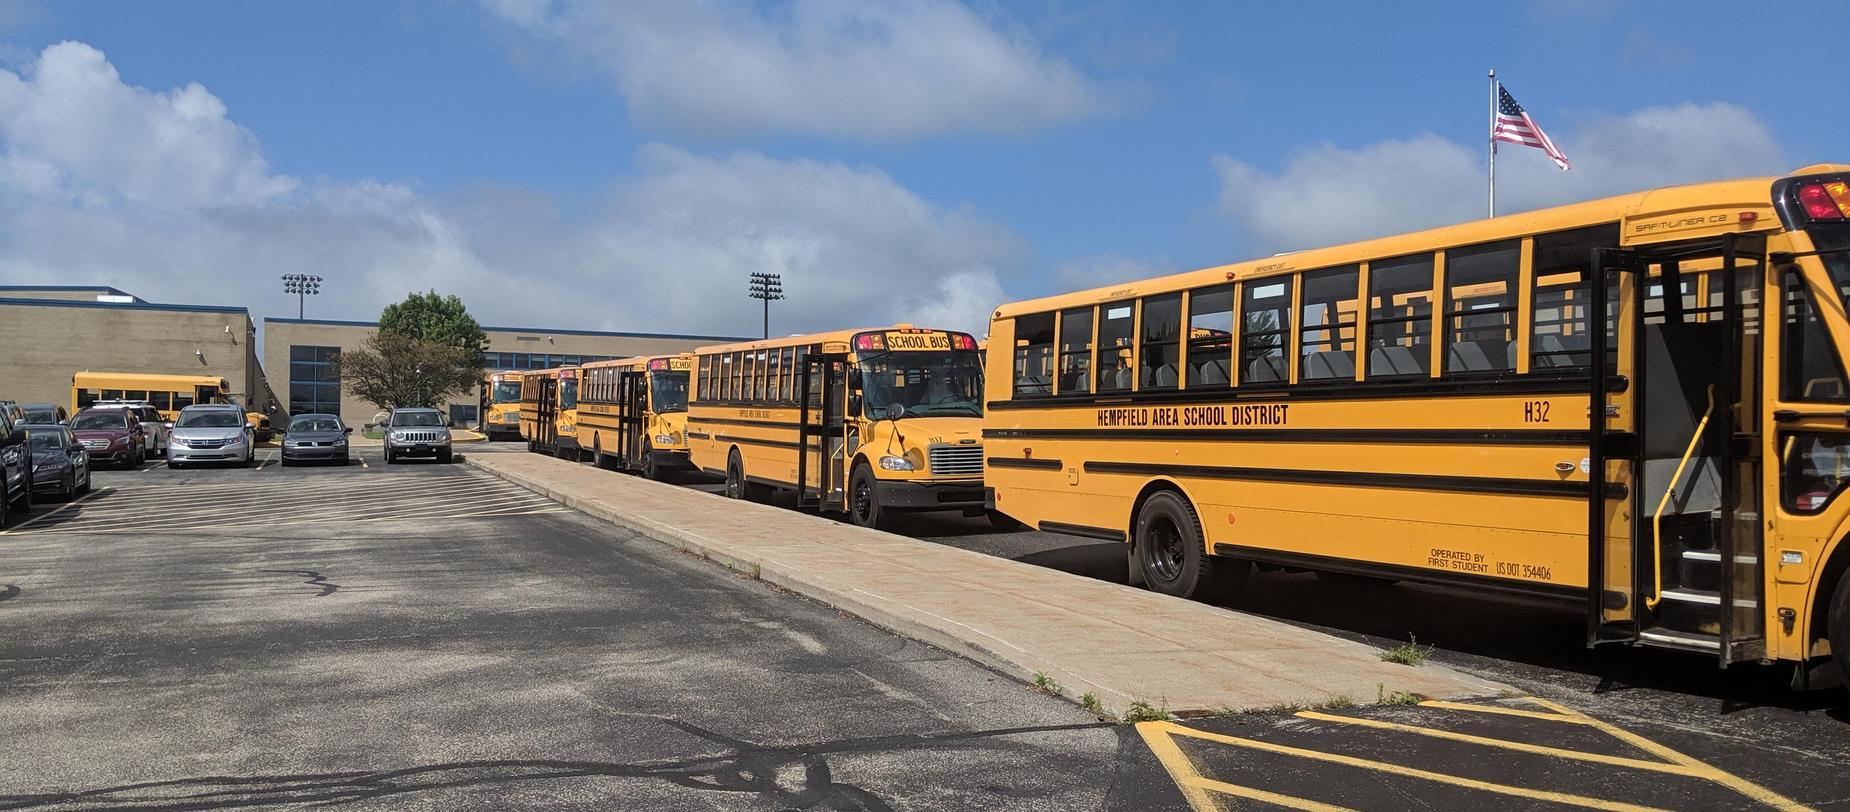 Hempfield Area School District